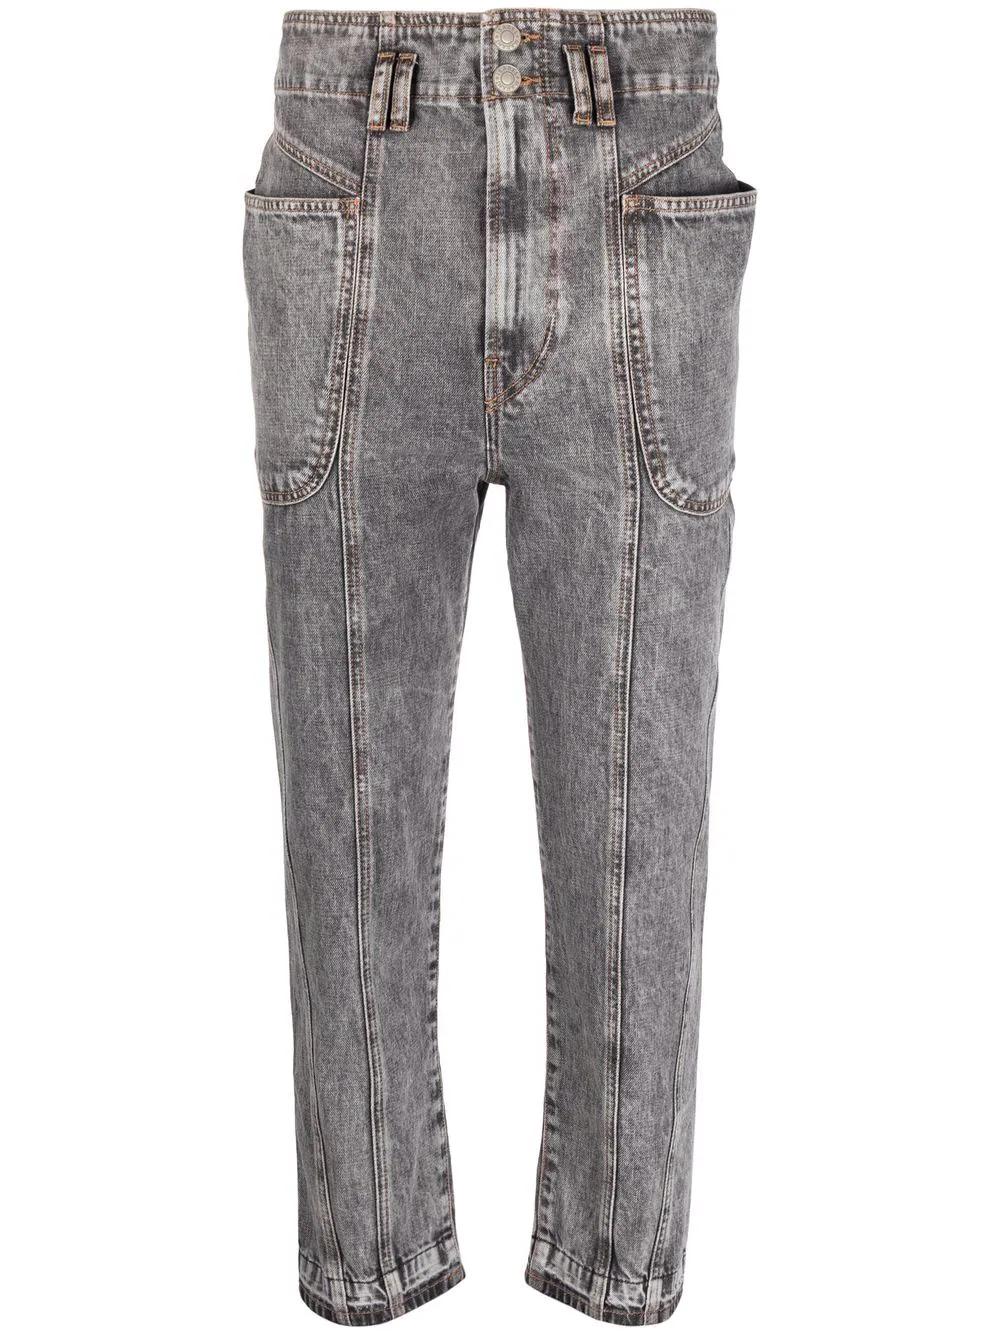 TUCSON - Cropped Jeans mit hohem Bund